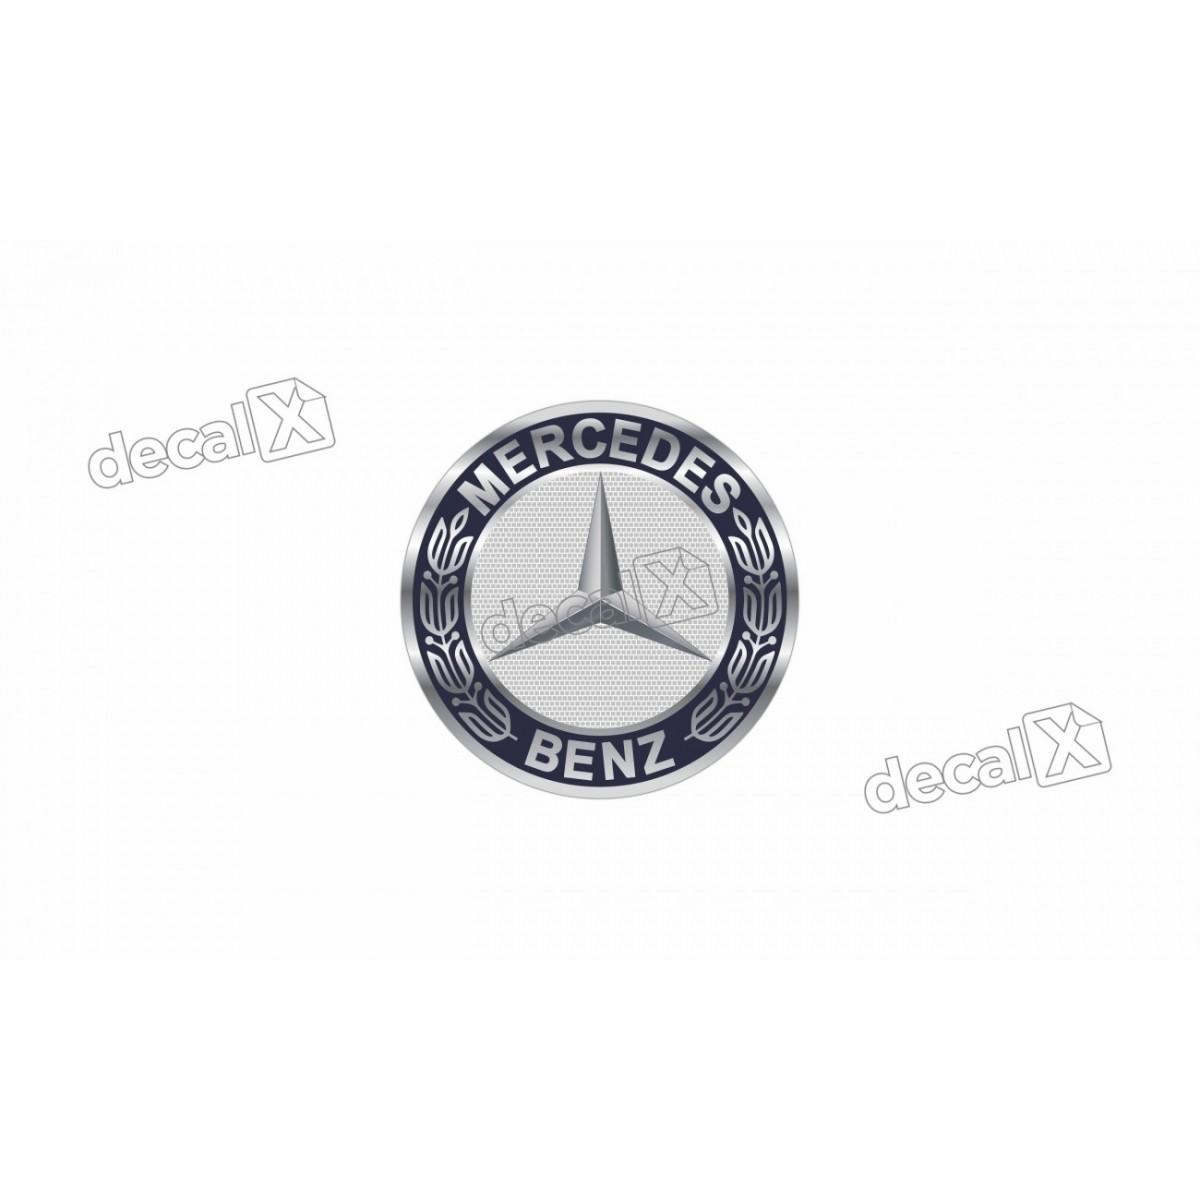 Adesivo Emblema Resinado Mercedes Benz Cm100 Decalx